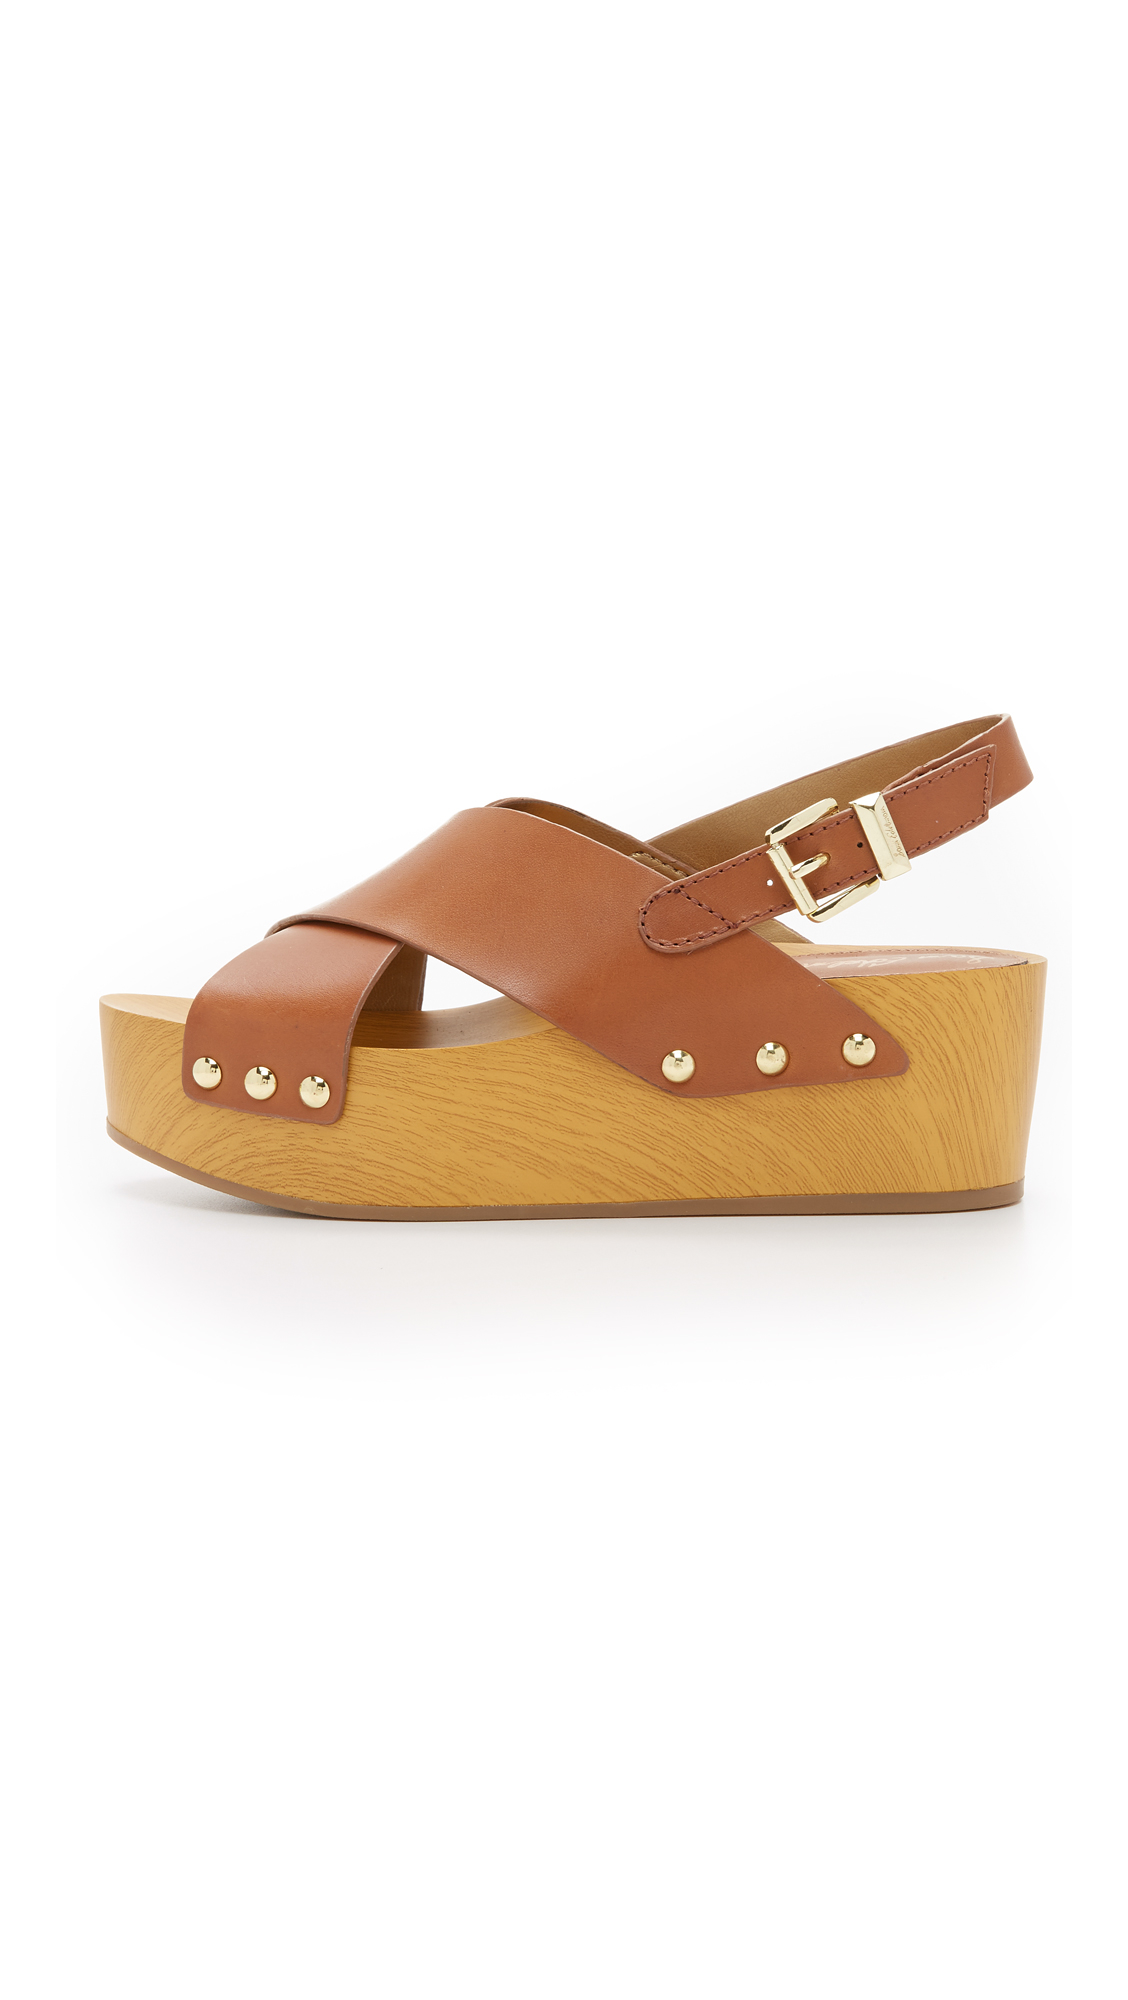 327c3186b Lyst - Sam Edelman Bentlee Flatform Sandals